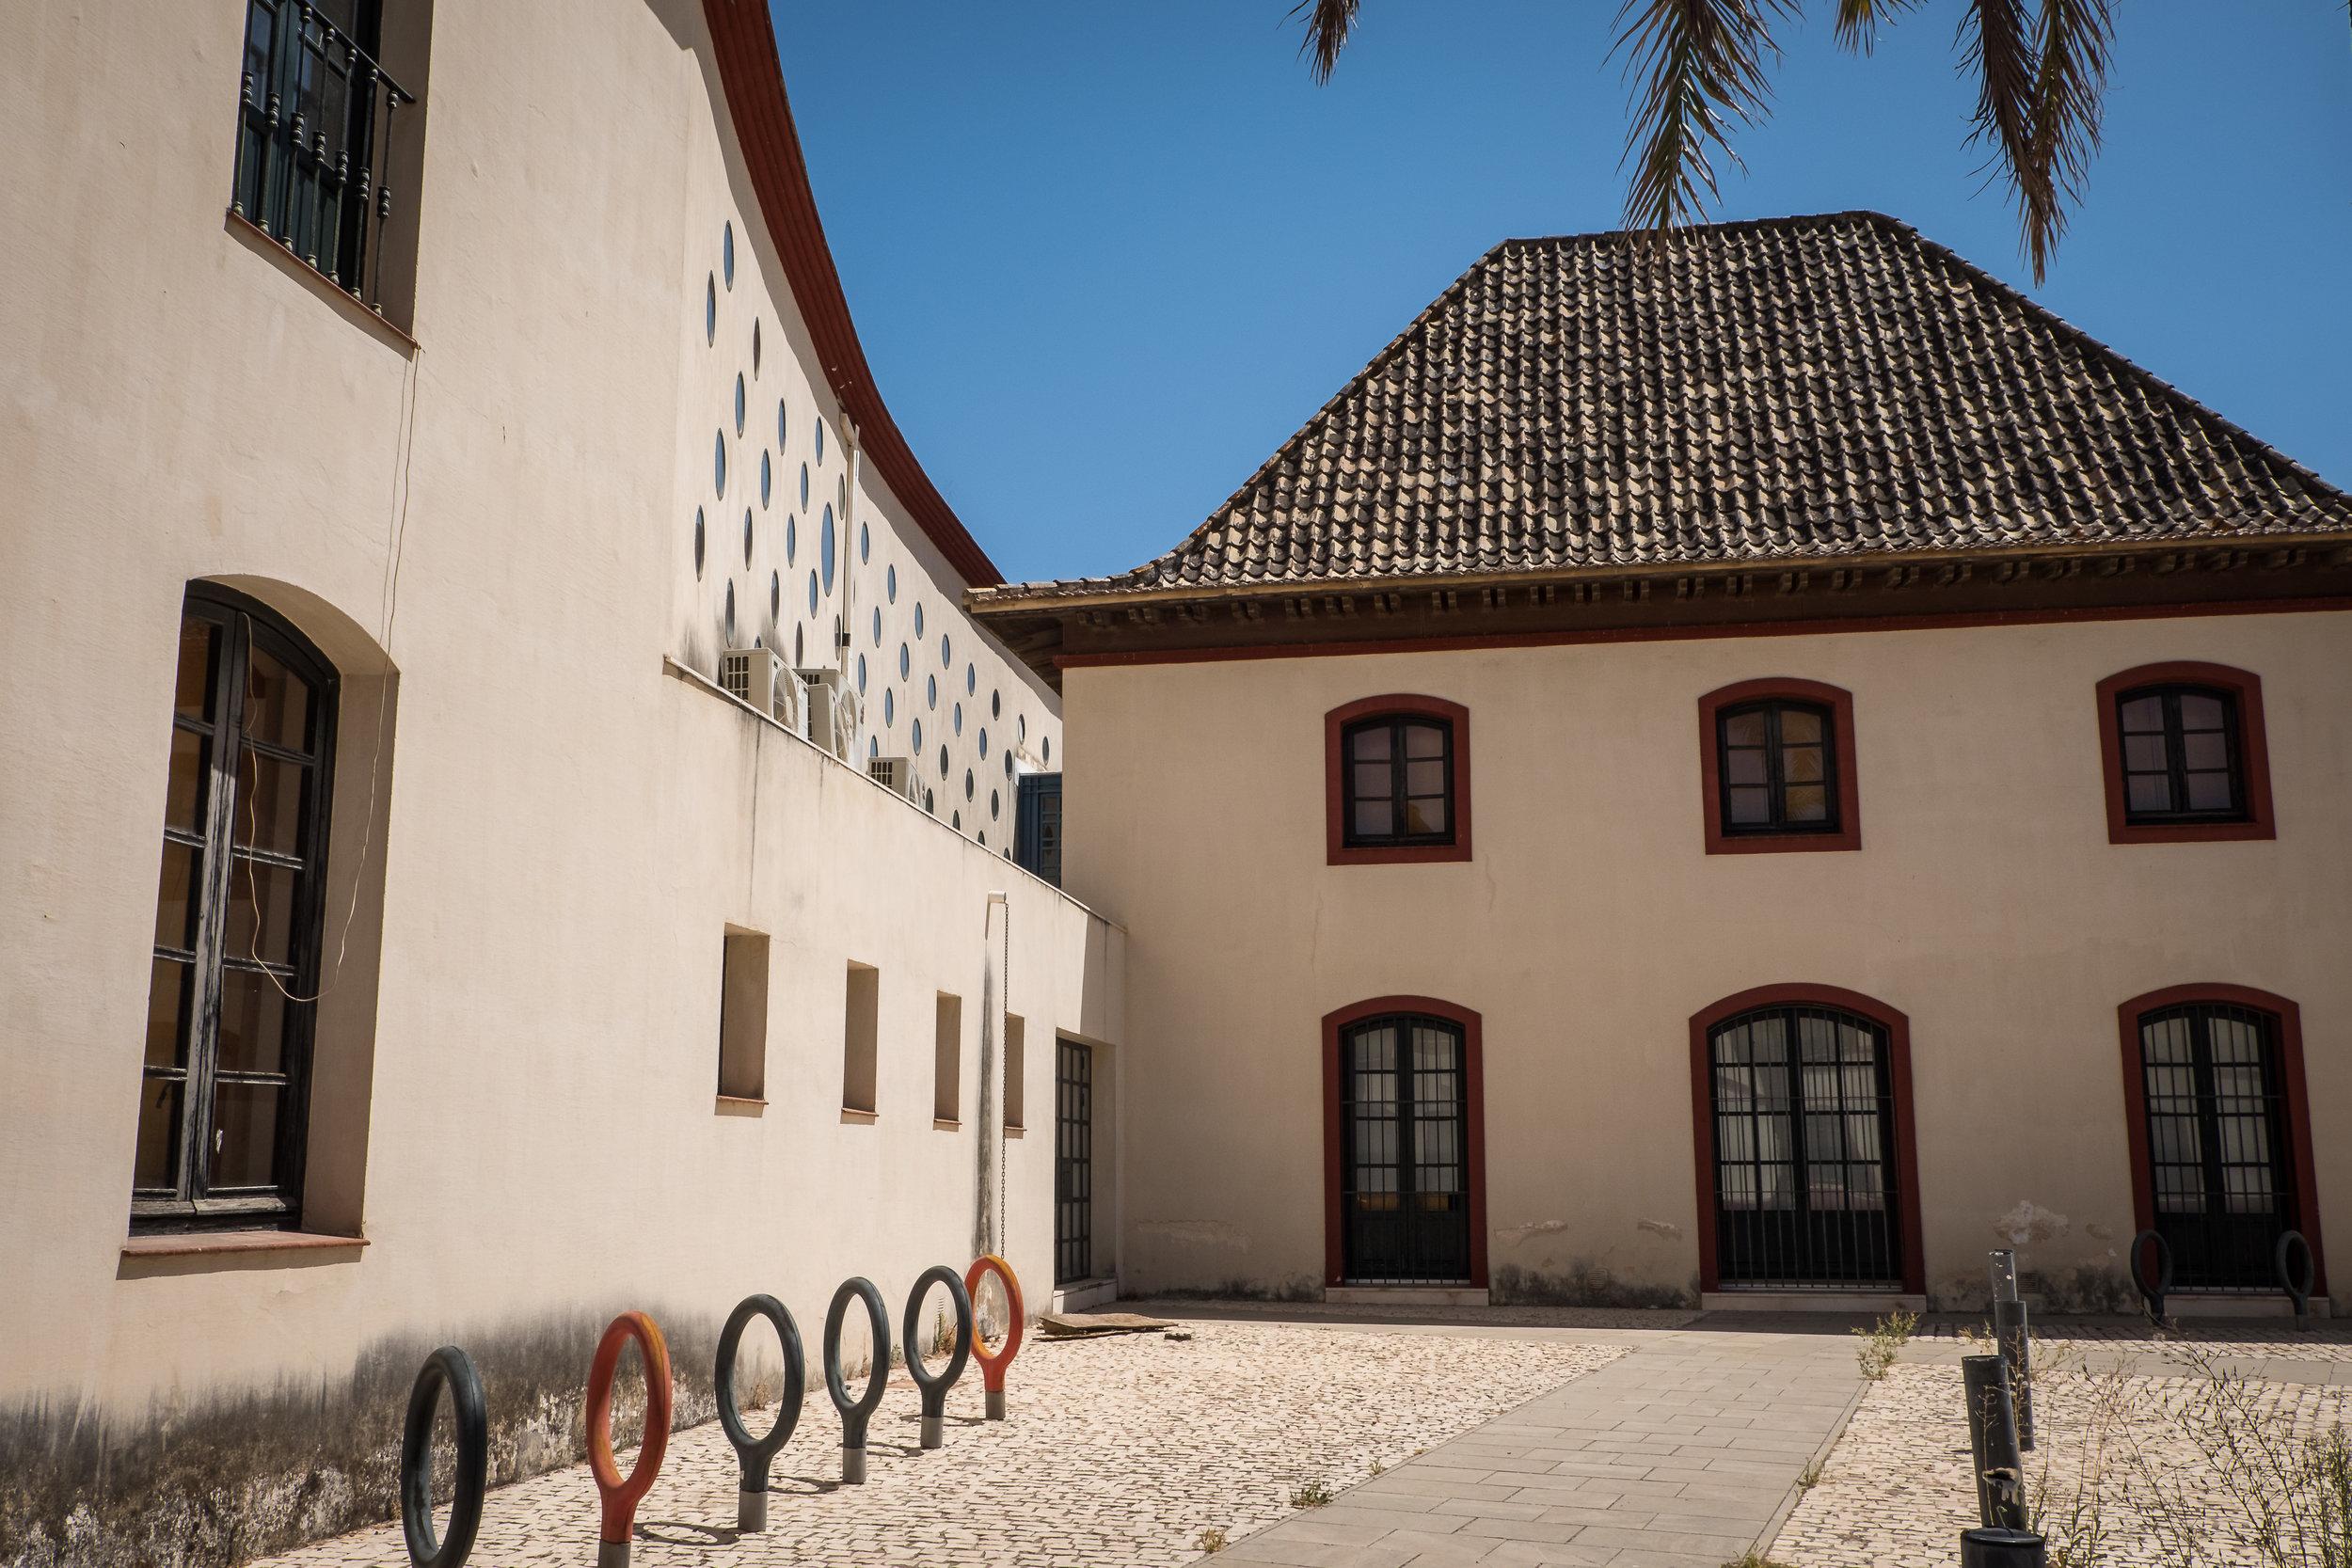 Sevilla_ceramics-5.jpg